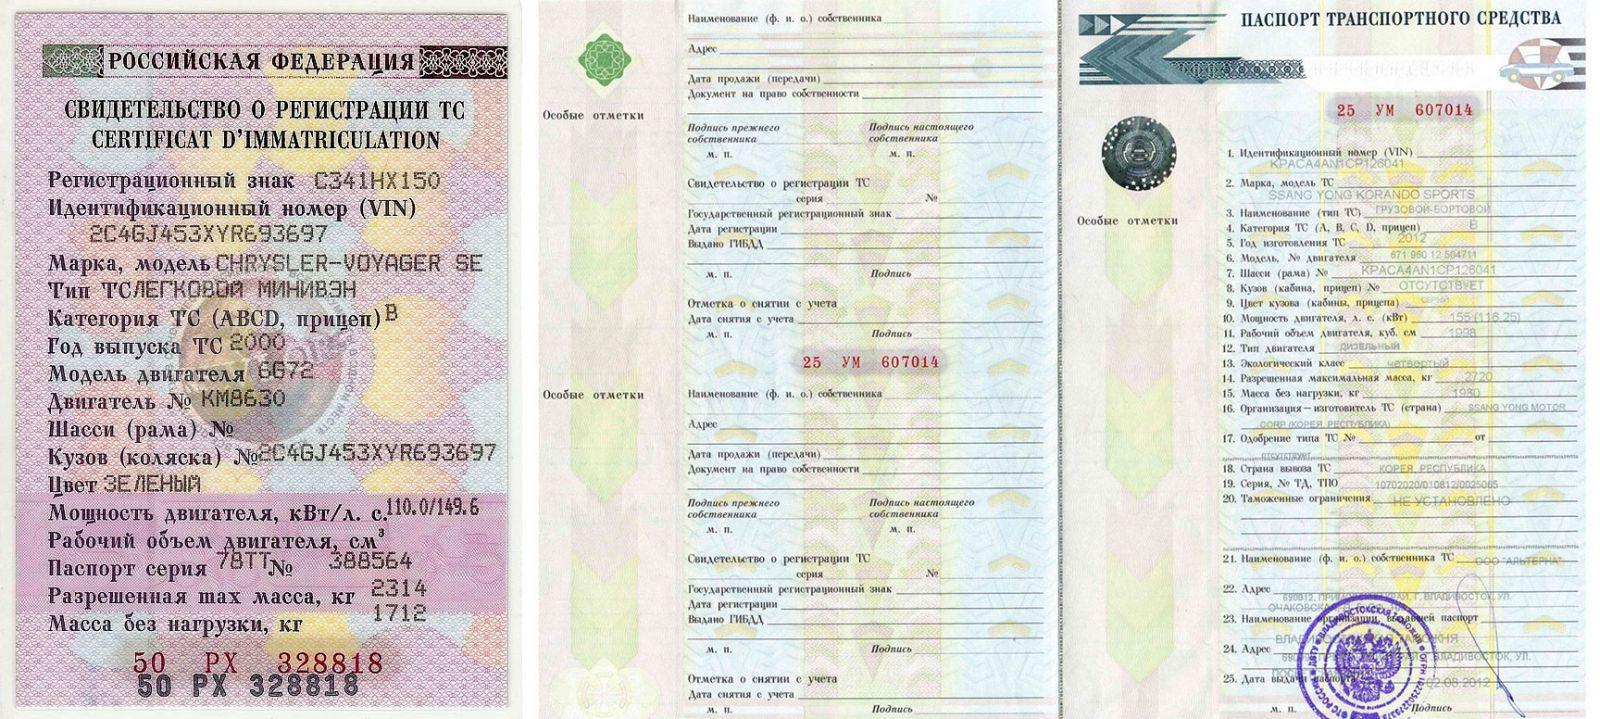 Договор Купли Продажи Автомобиля в Казахстане образец